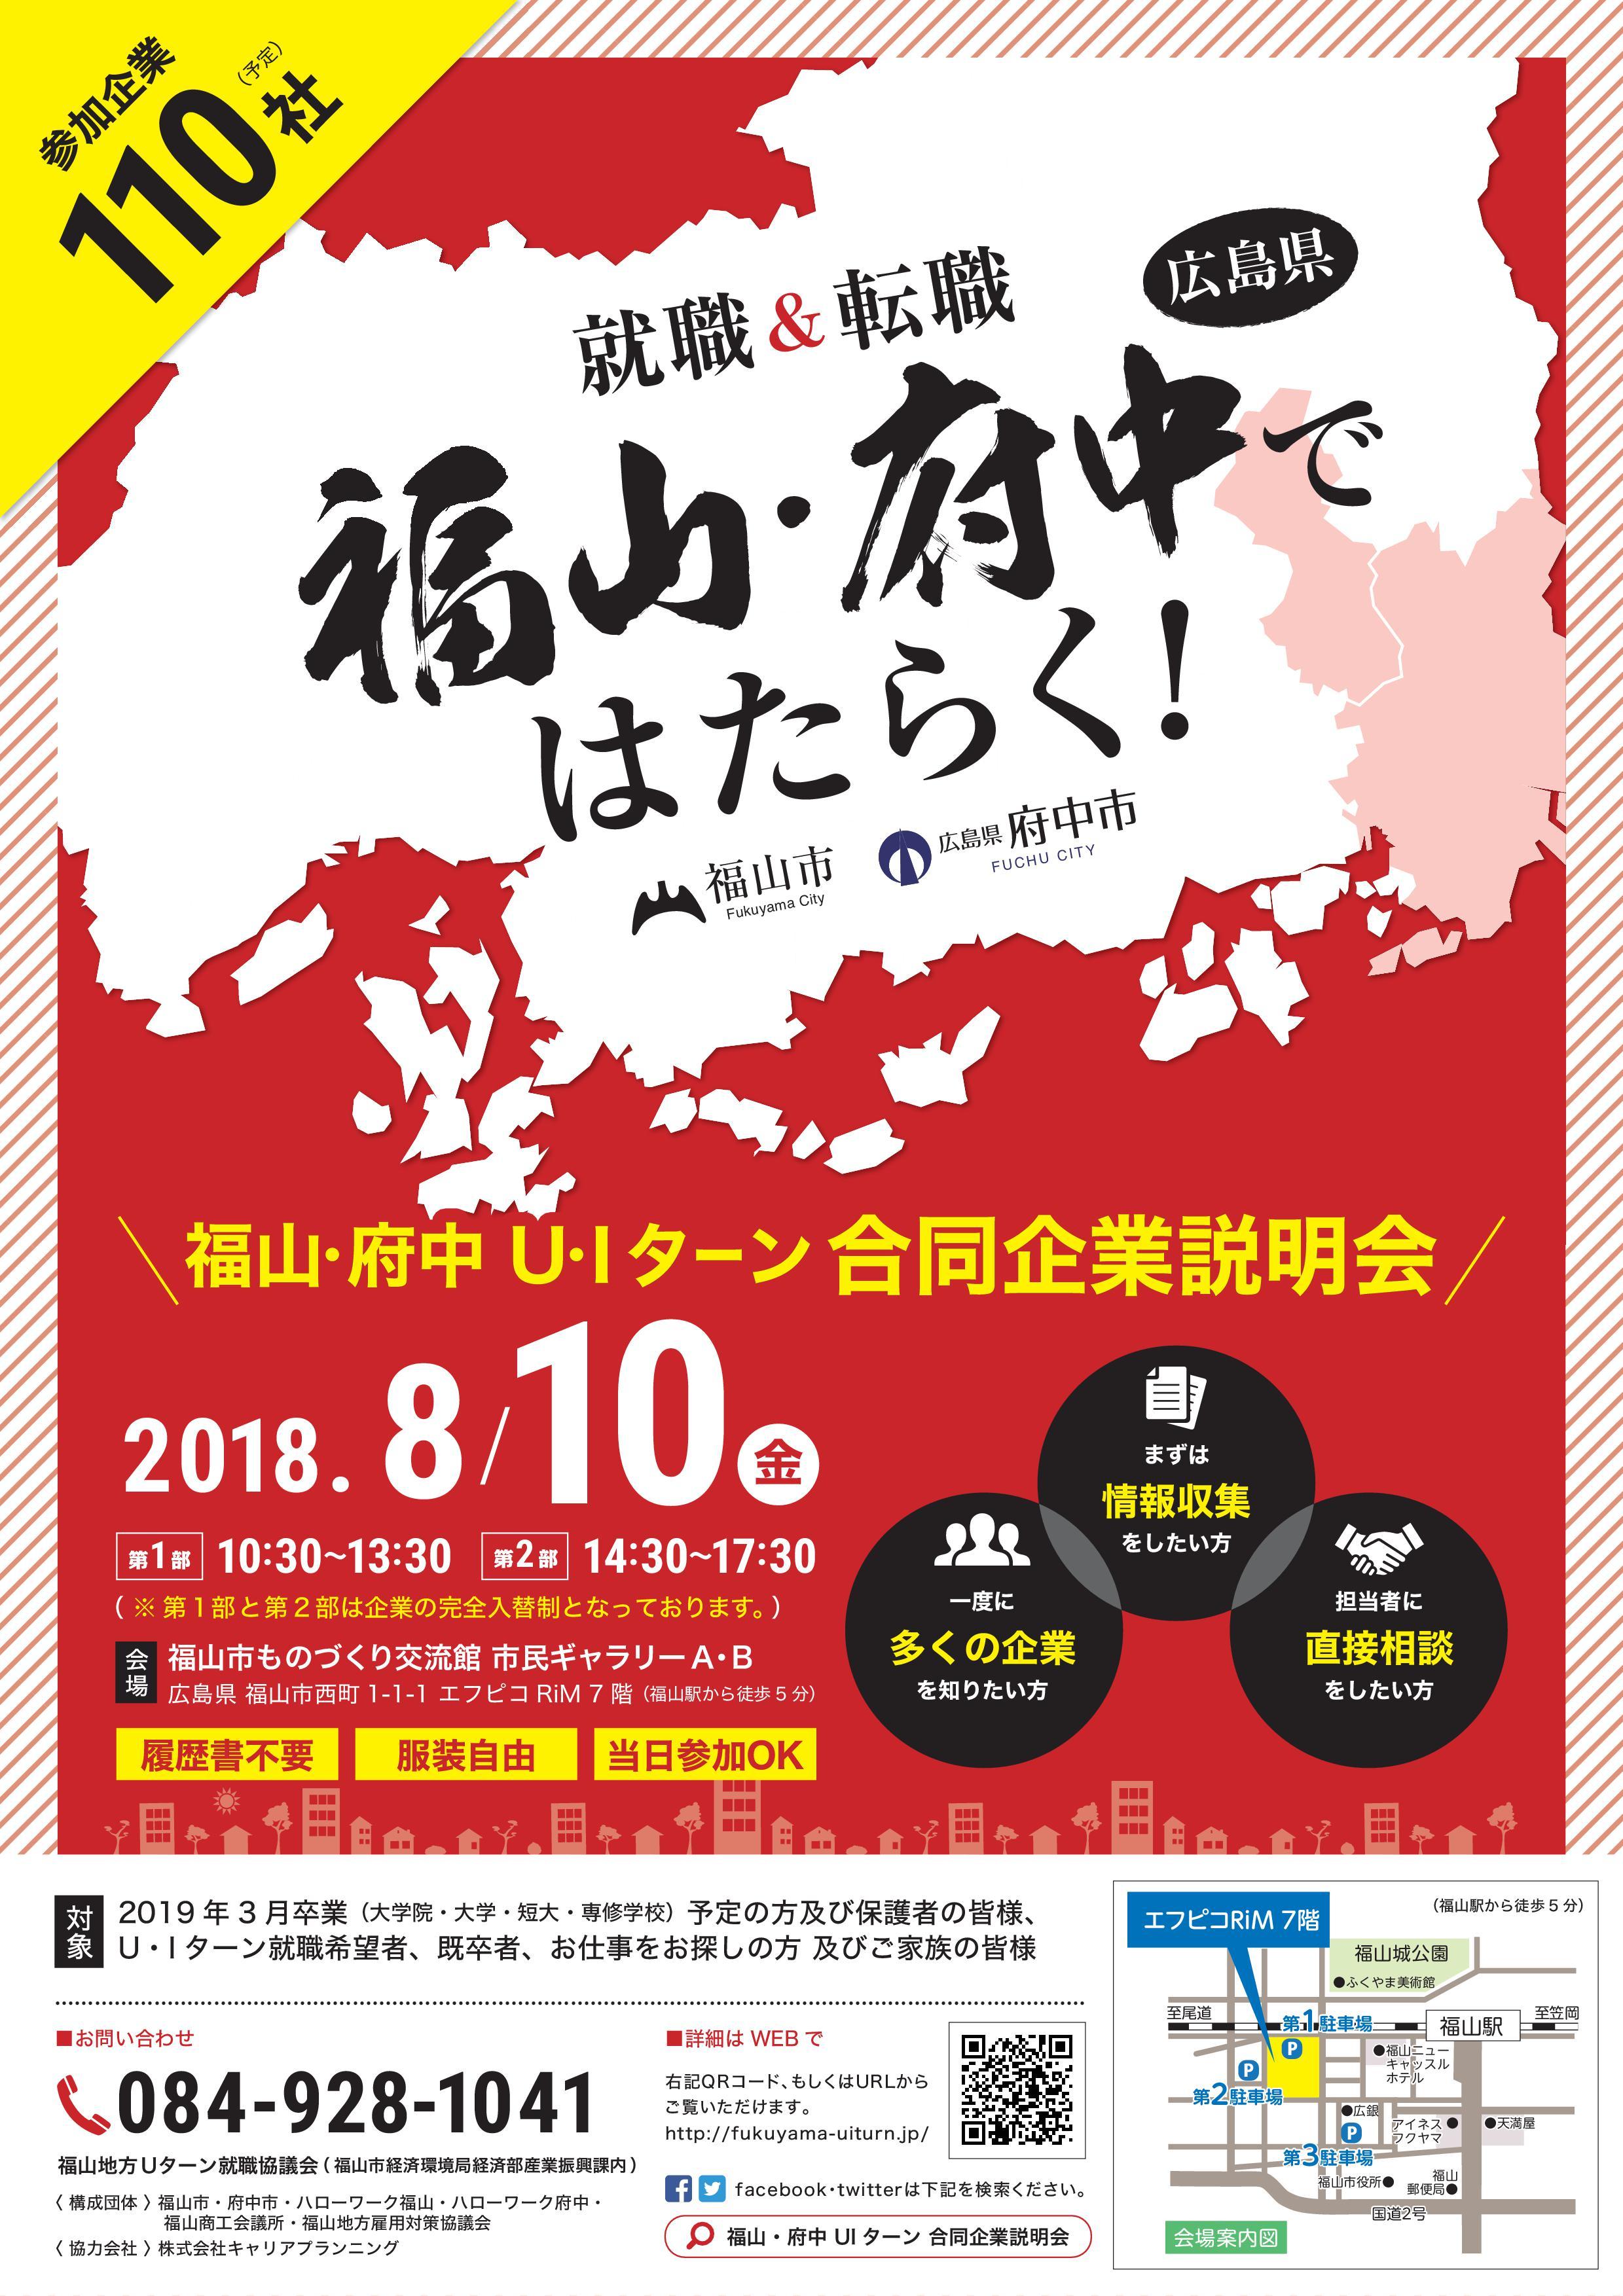 常石鉄工 「福山・府中 U・Iターン 合同企業説明会」に参加